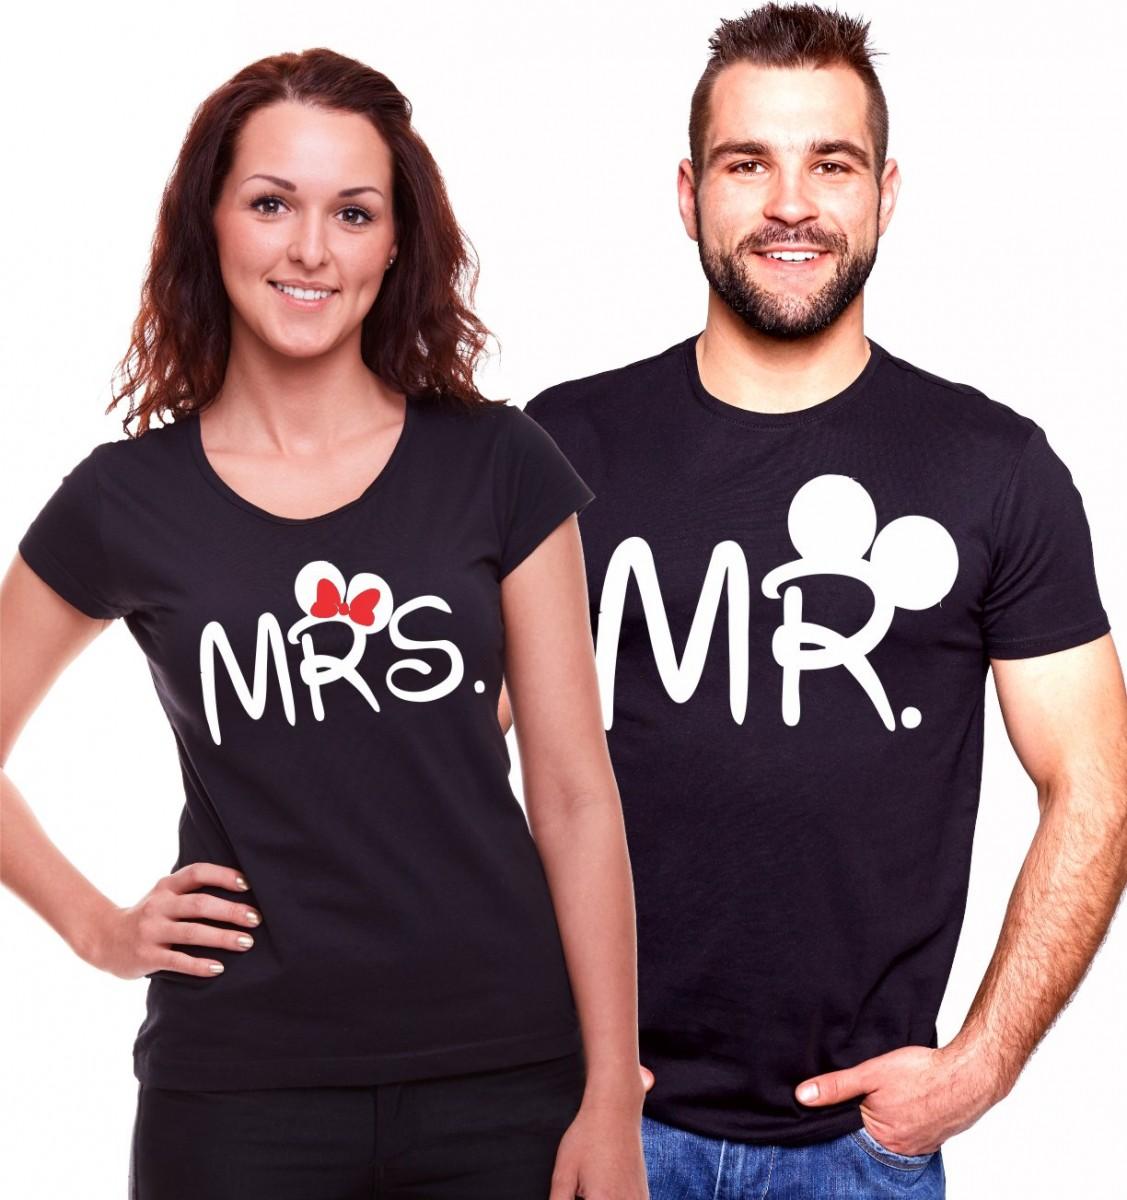 30c7de2bfef3 Partnerské trićká - Mr. Mrs. Mickey valentínske tričká ǀ Fajntričko.sk